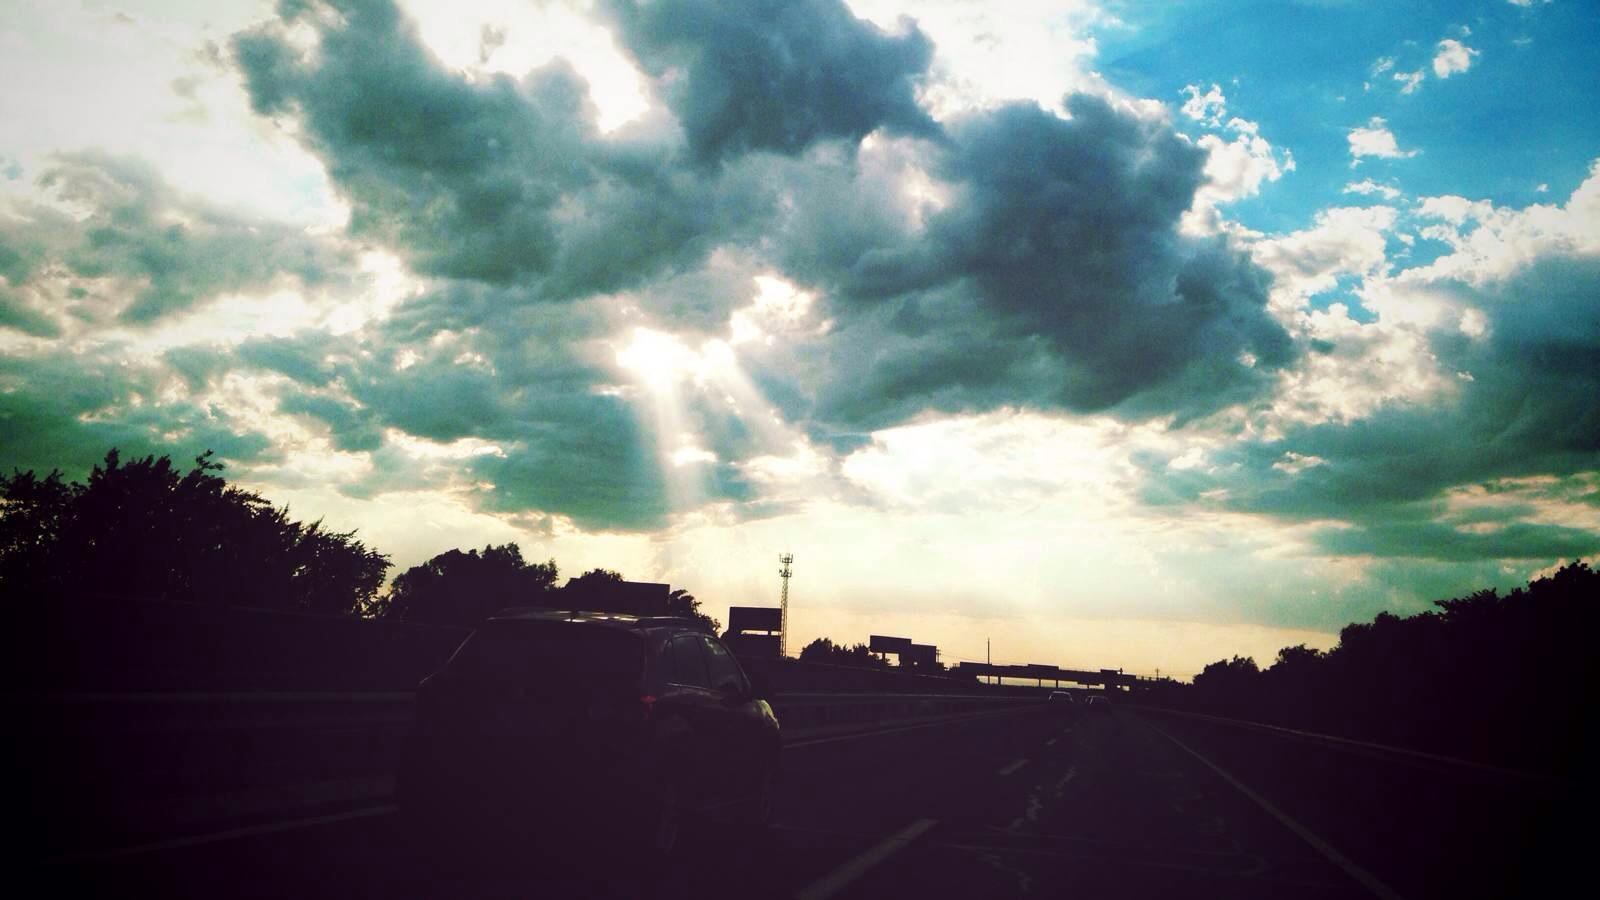 阳光透过云层洒下束束光线,形成蔚为壮观的丁达尔现象.